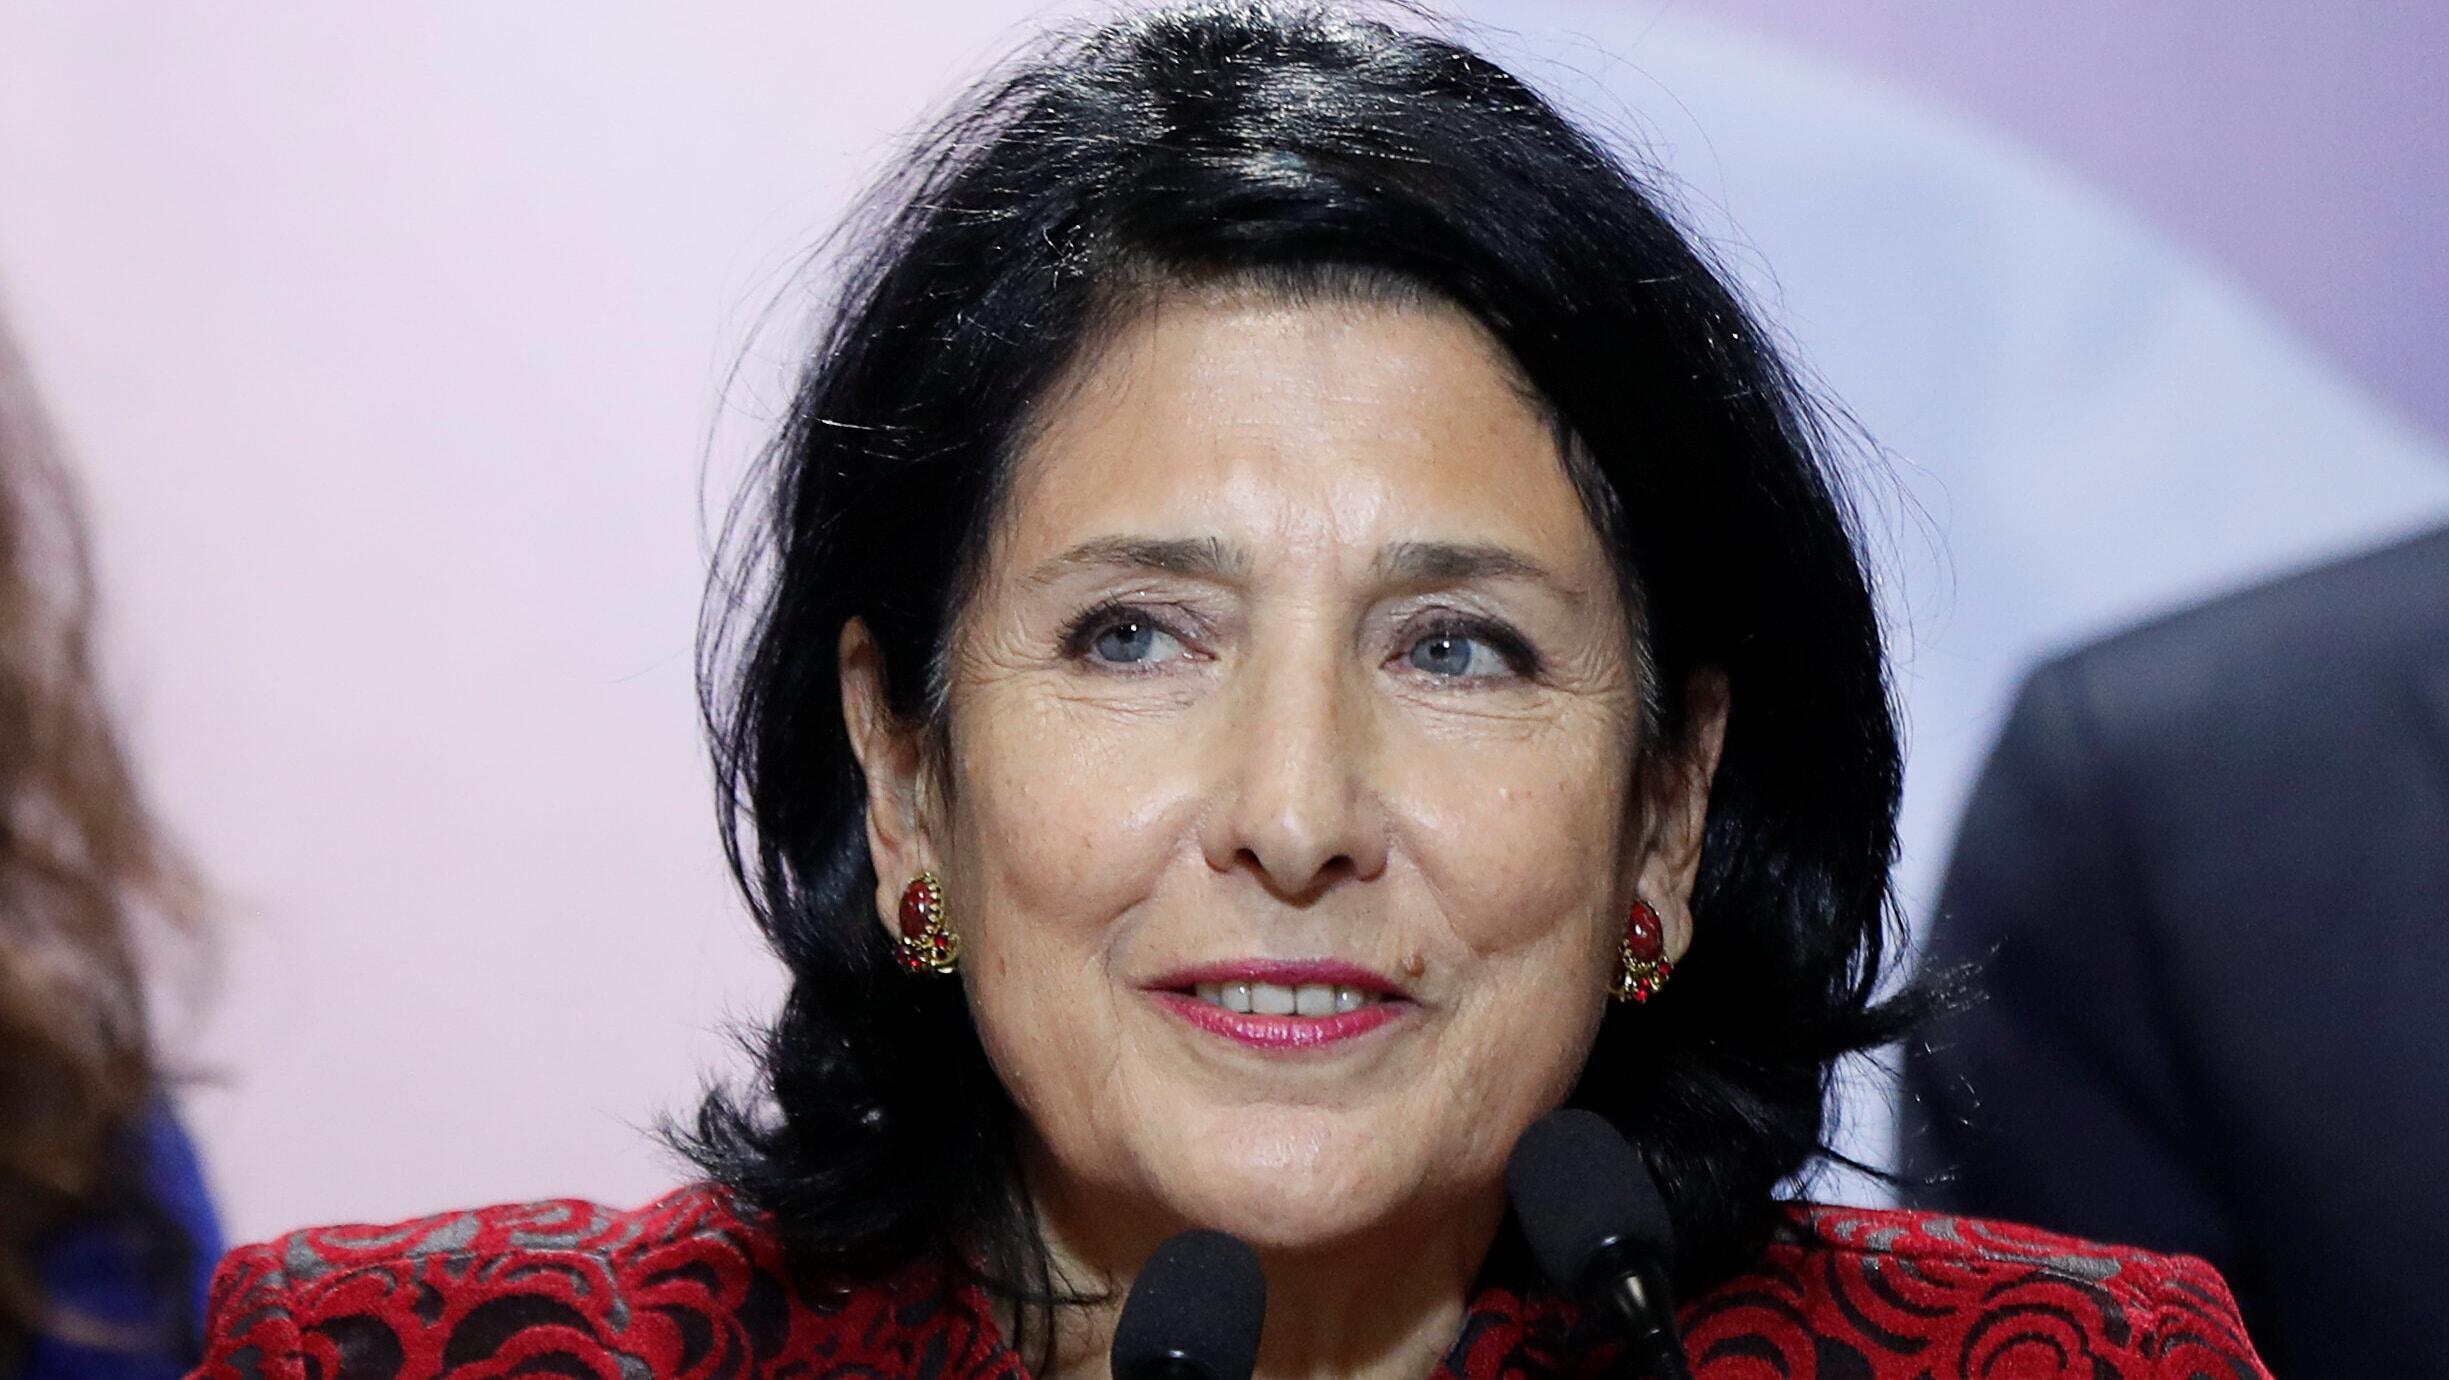 Salomé Zourabichvili, la candidate du parti au pouvoir, s'exprime après les résultats le 28 novembre 2018.